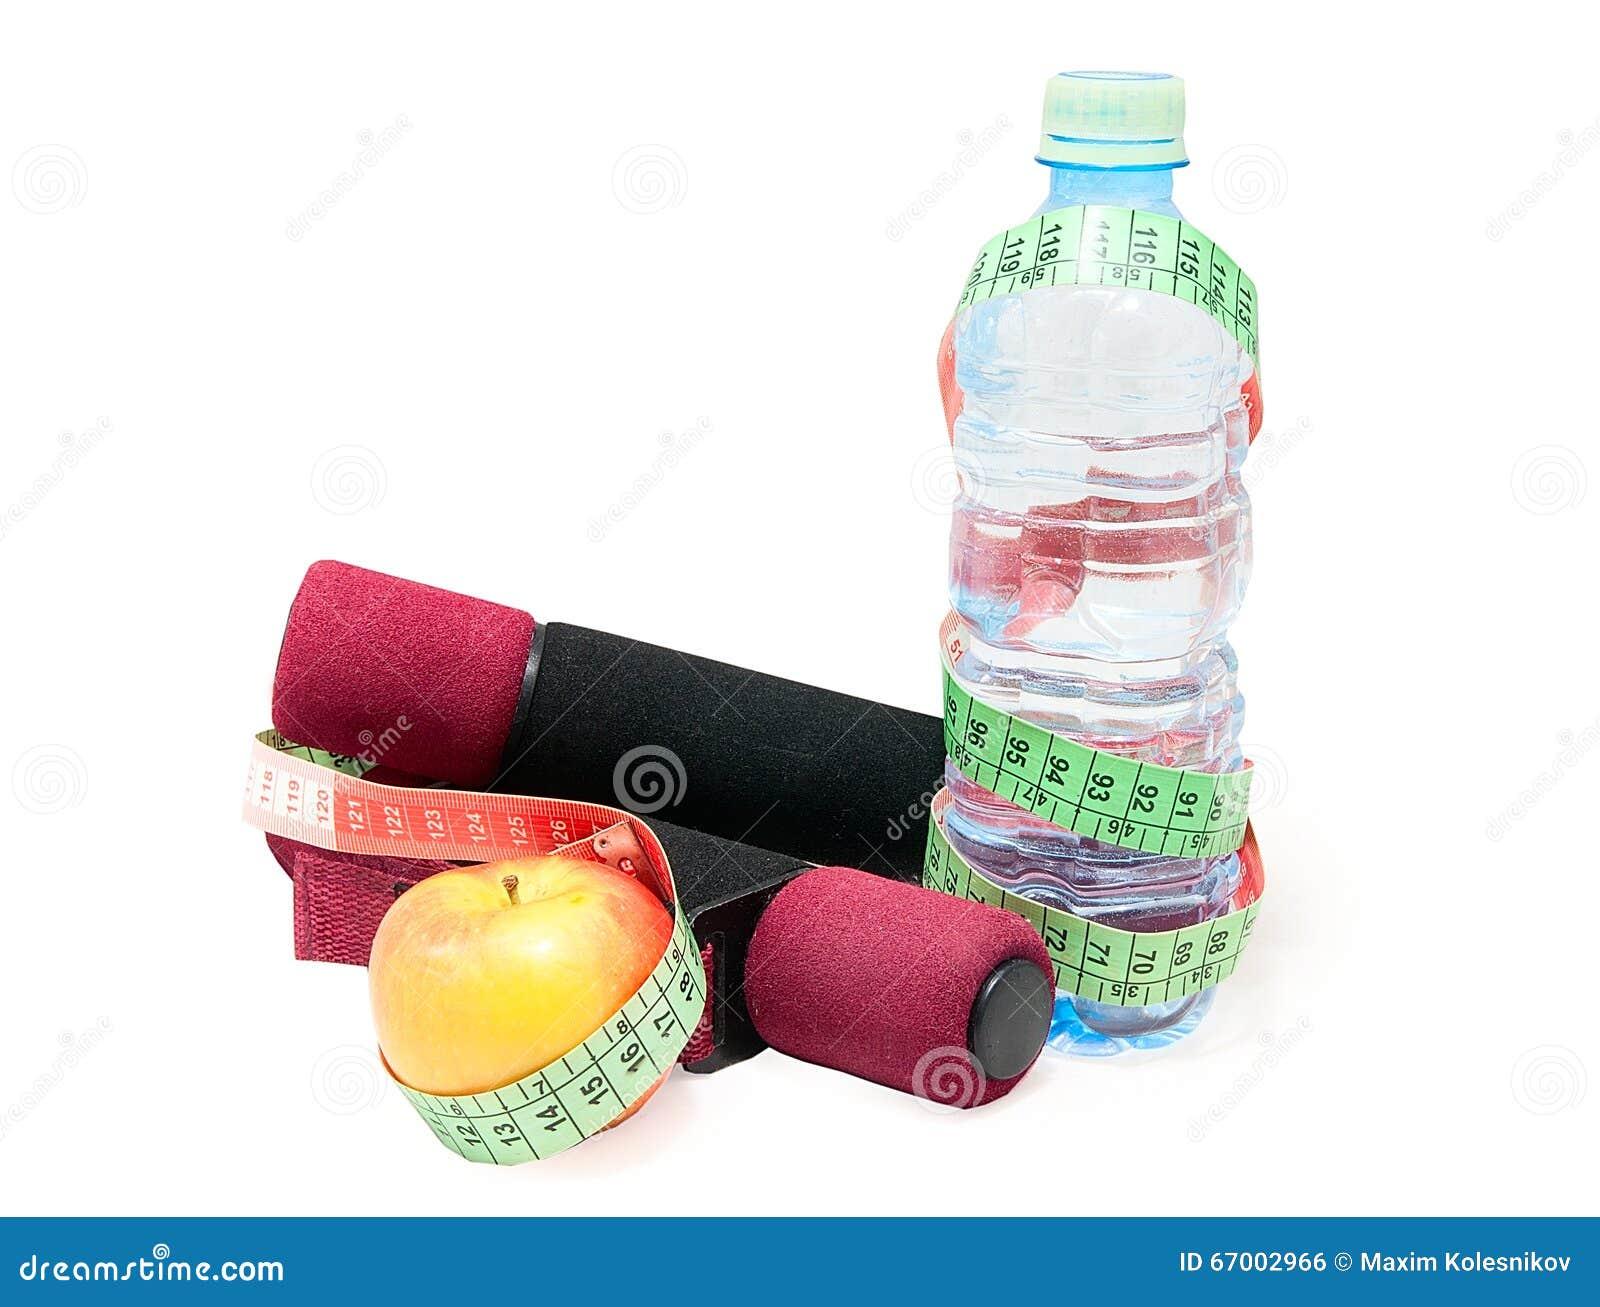 Zwei Dummköpfe, Apfel, Maßband, Flasche mit Wasser auf einem Weiß